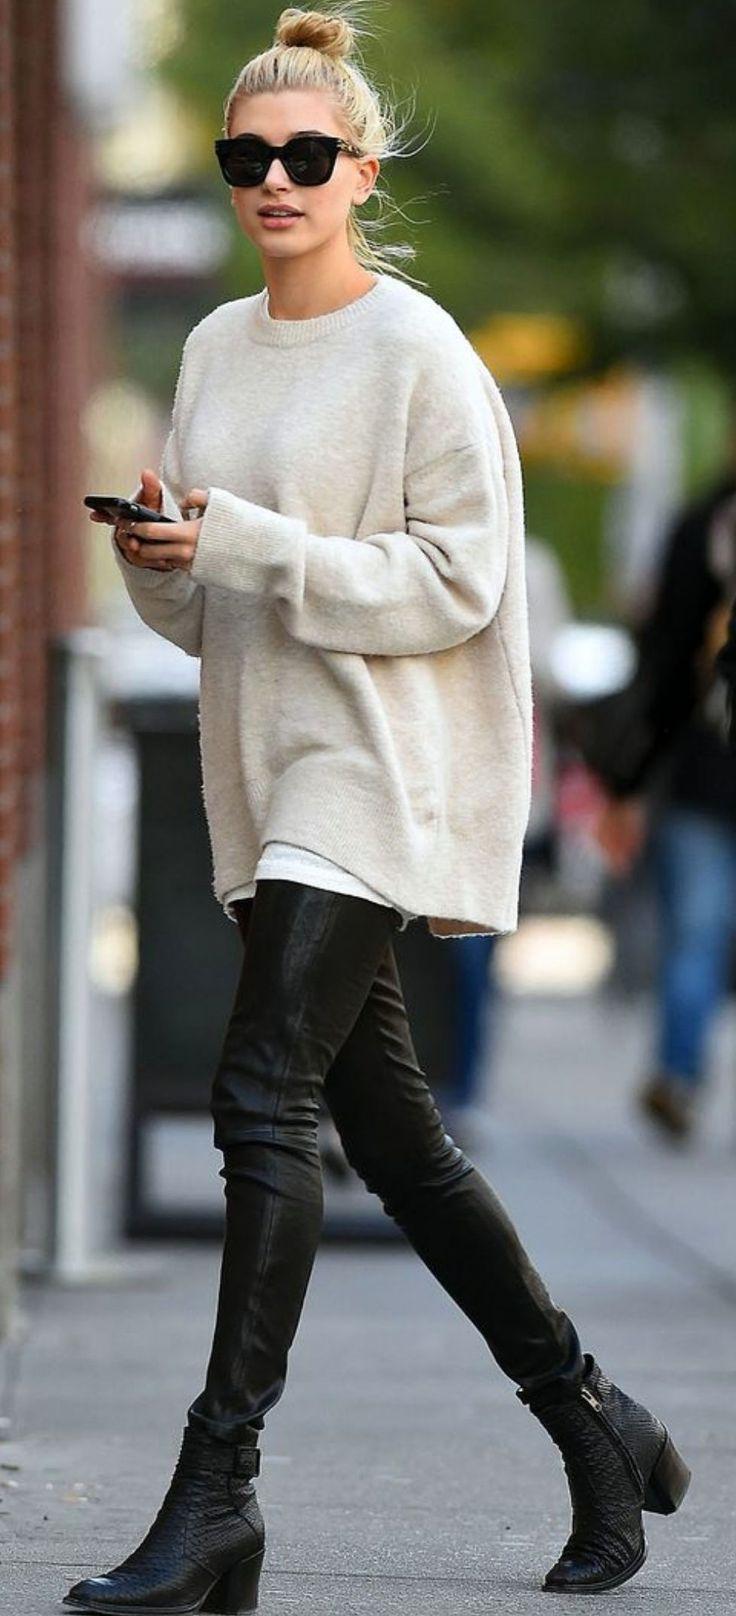 Oversized Sweater Streetstyle | STYLE | Pinterest | Street styles ...